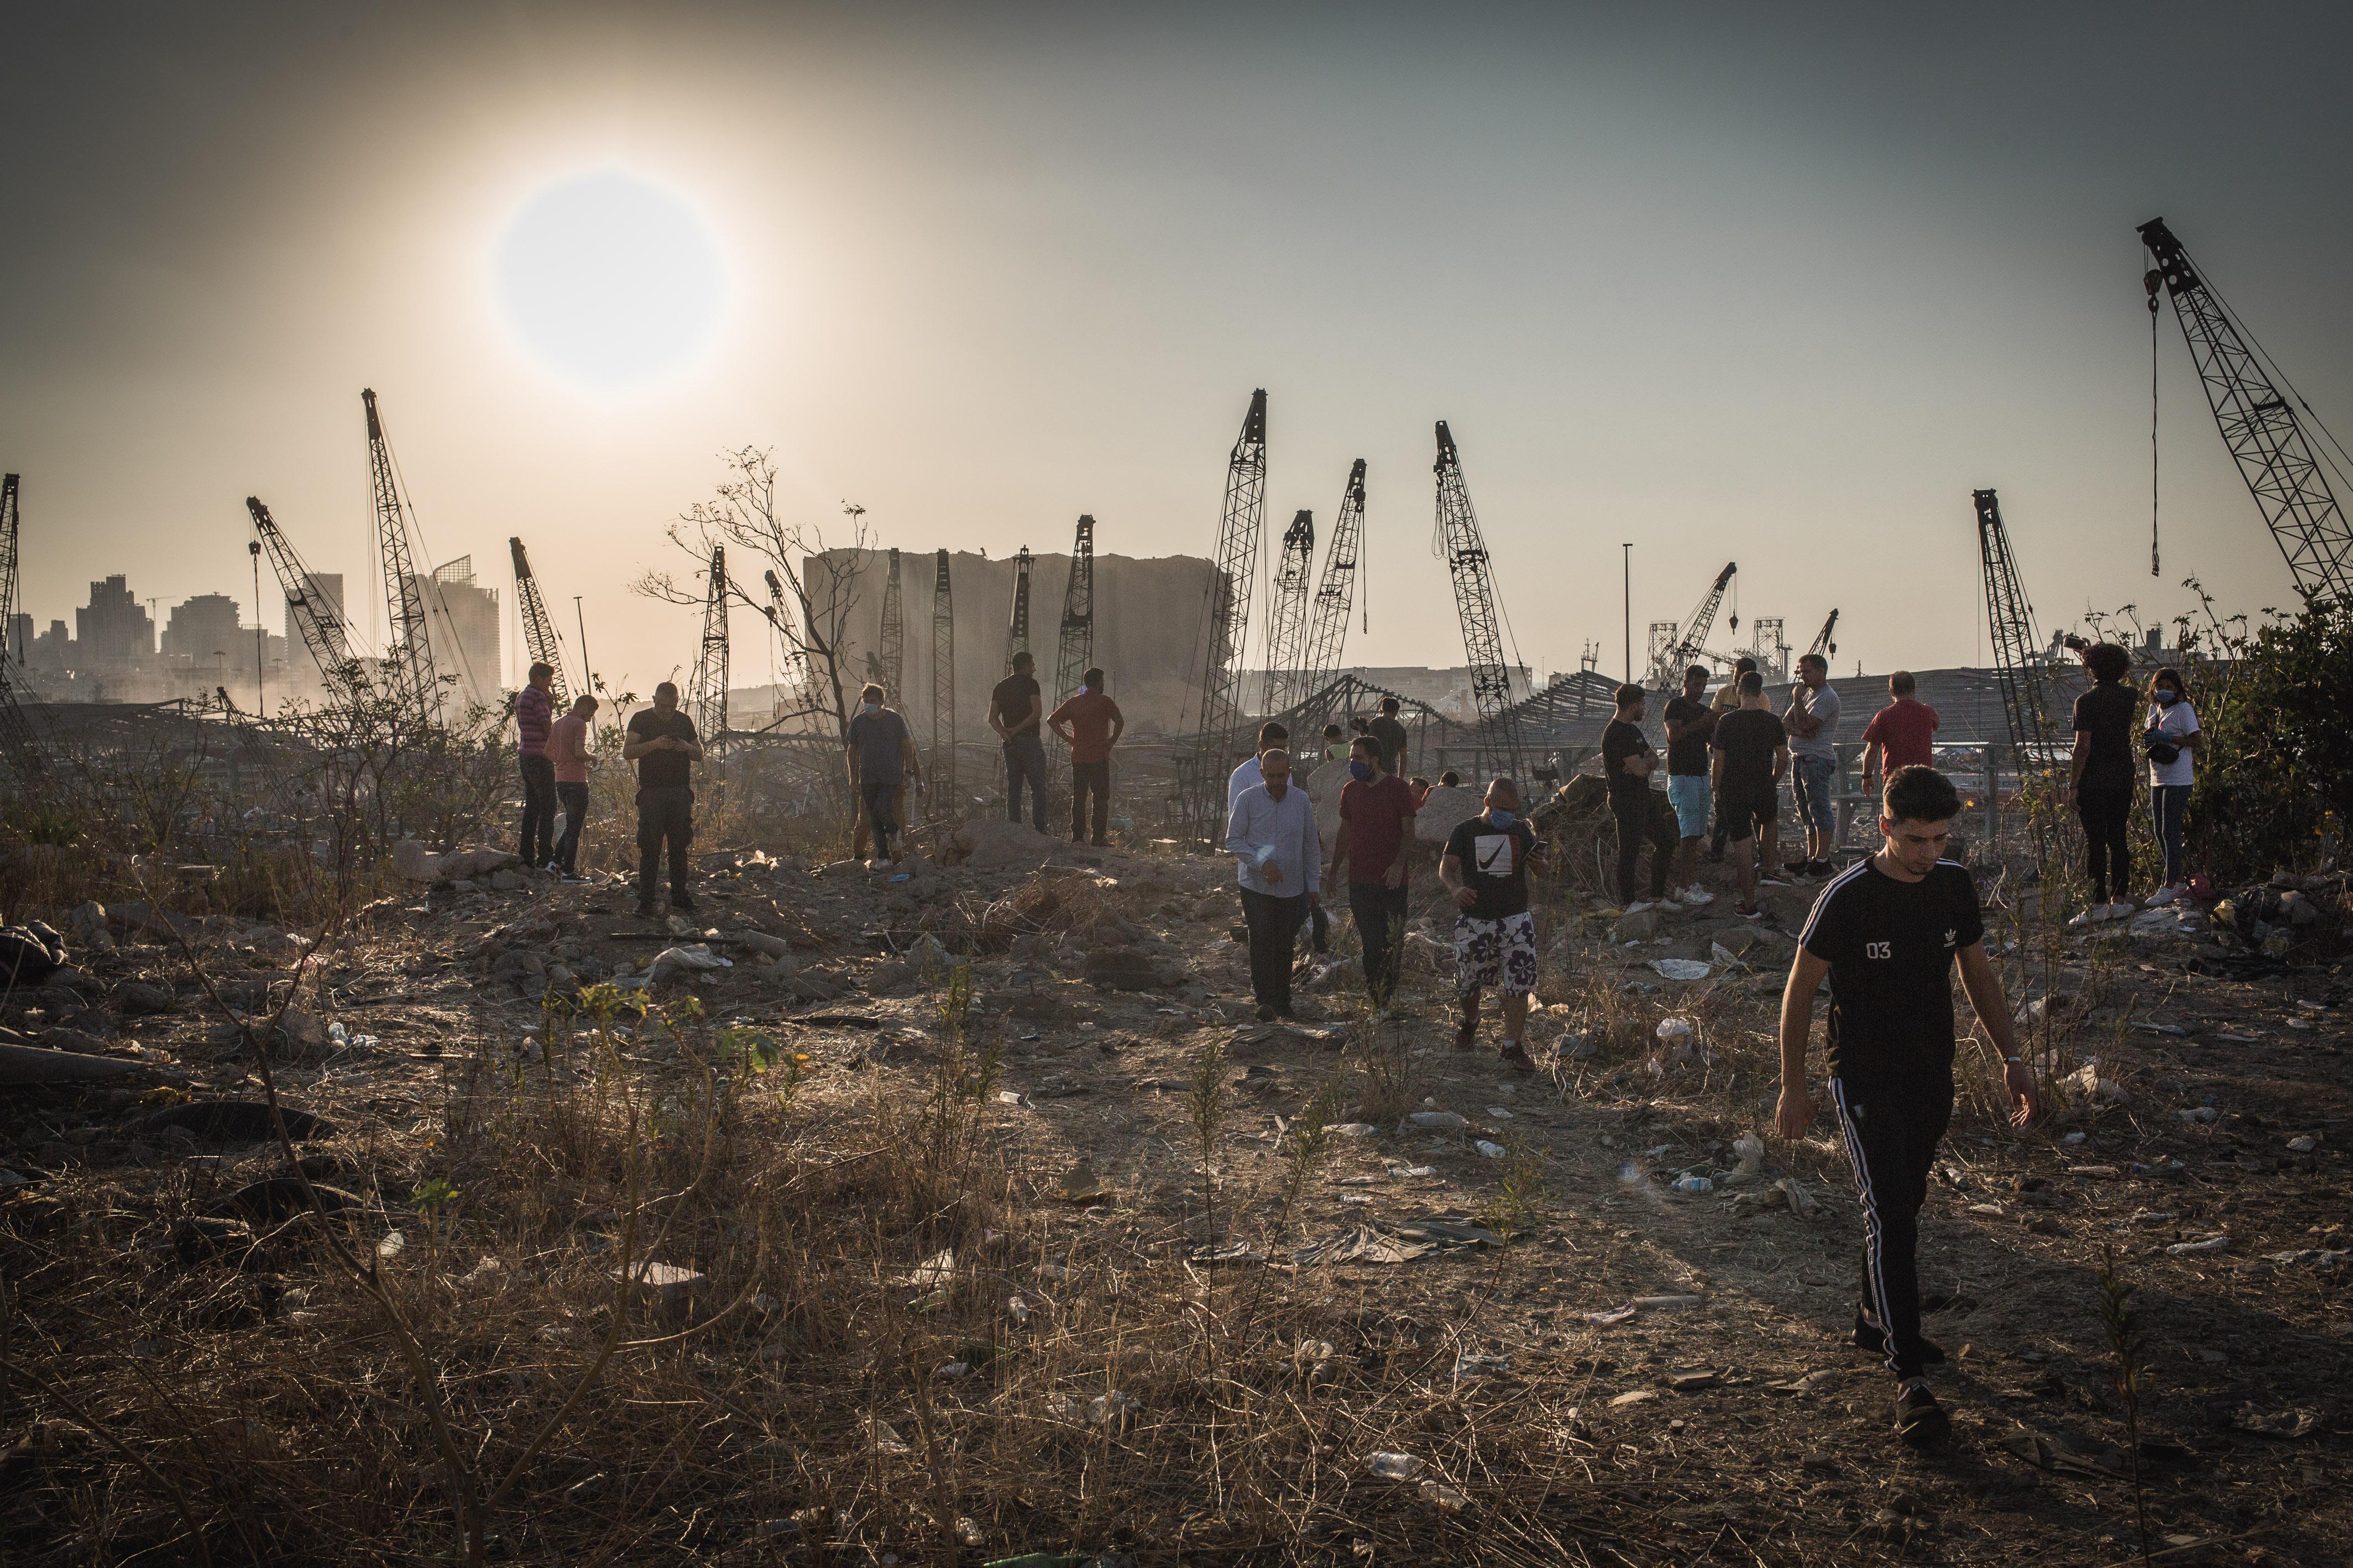 Egyre emelkedik a bejrúti robbanás halálos áldozatainak száma, sok eltűntet még keresnek